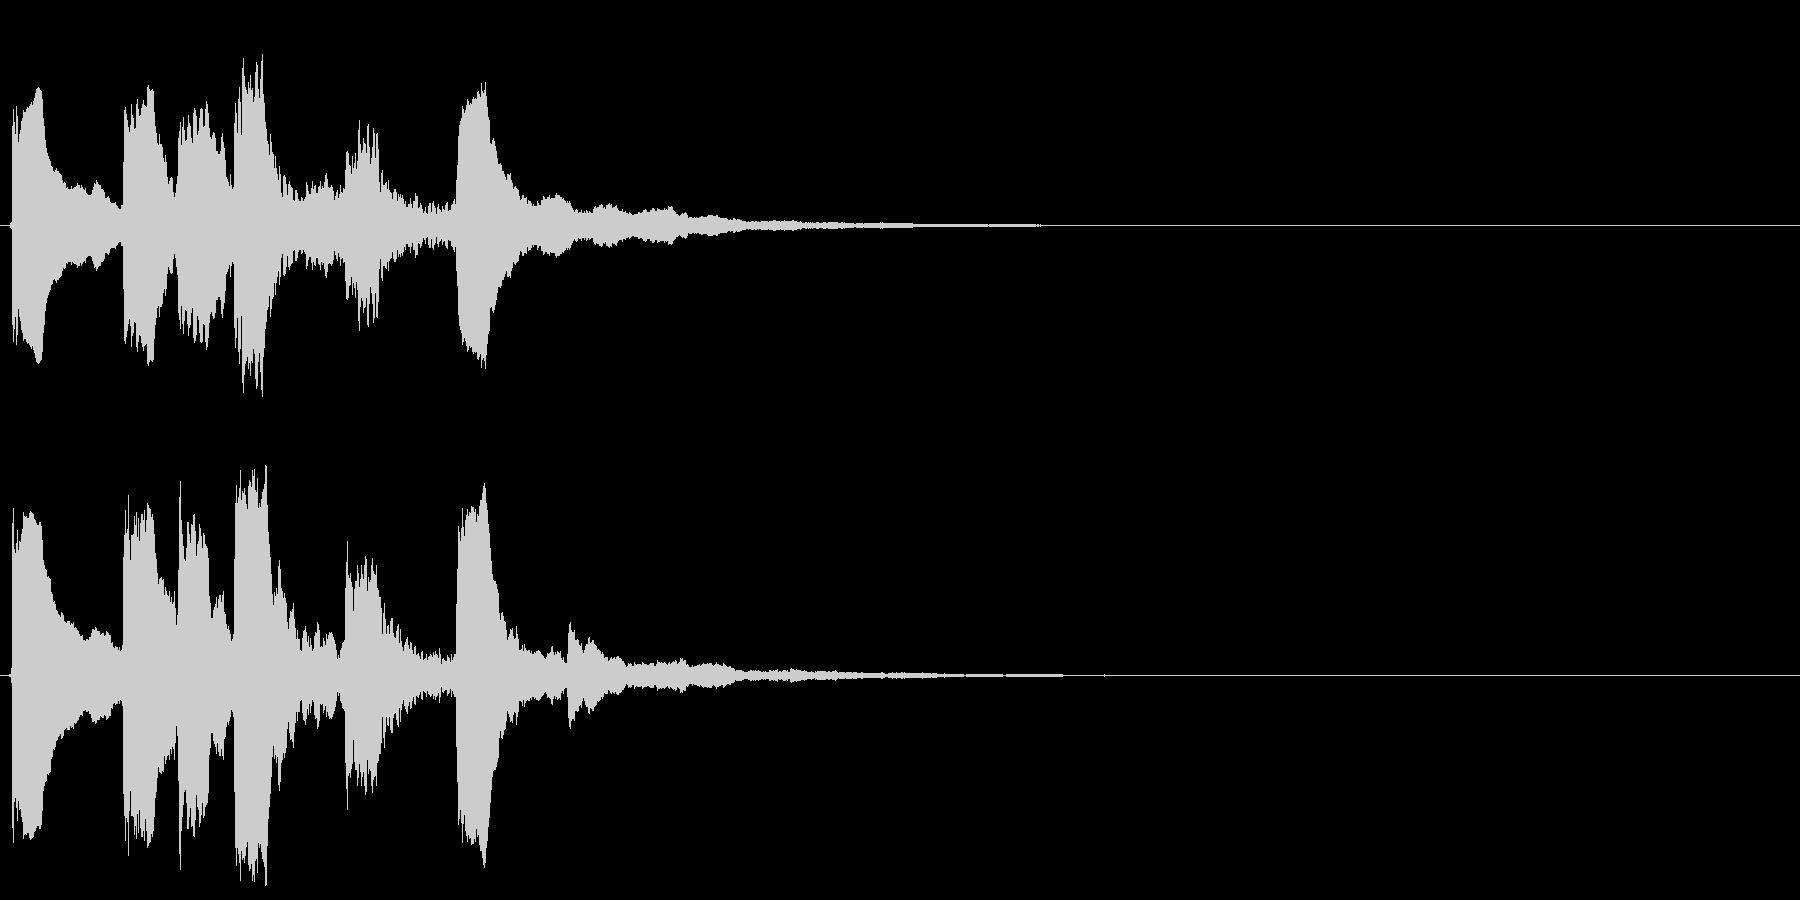 4,明るめのサウンドロゴ (3秒ロゴ)の未再生の波形